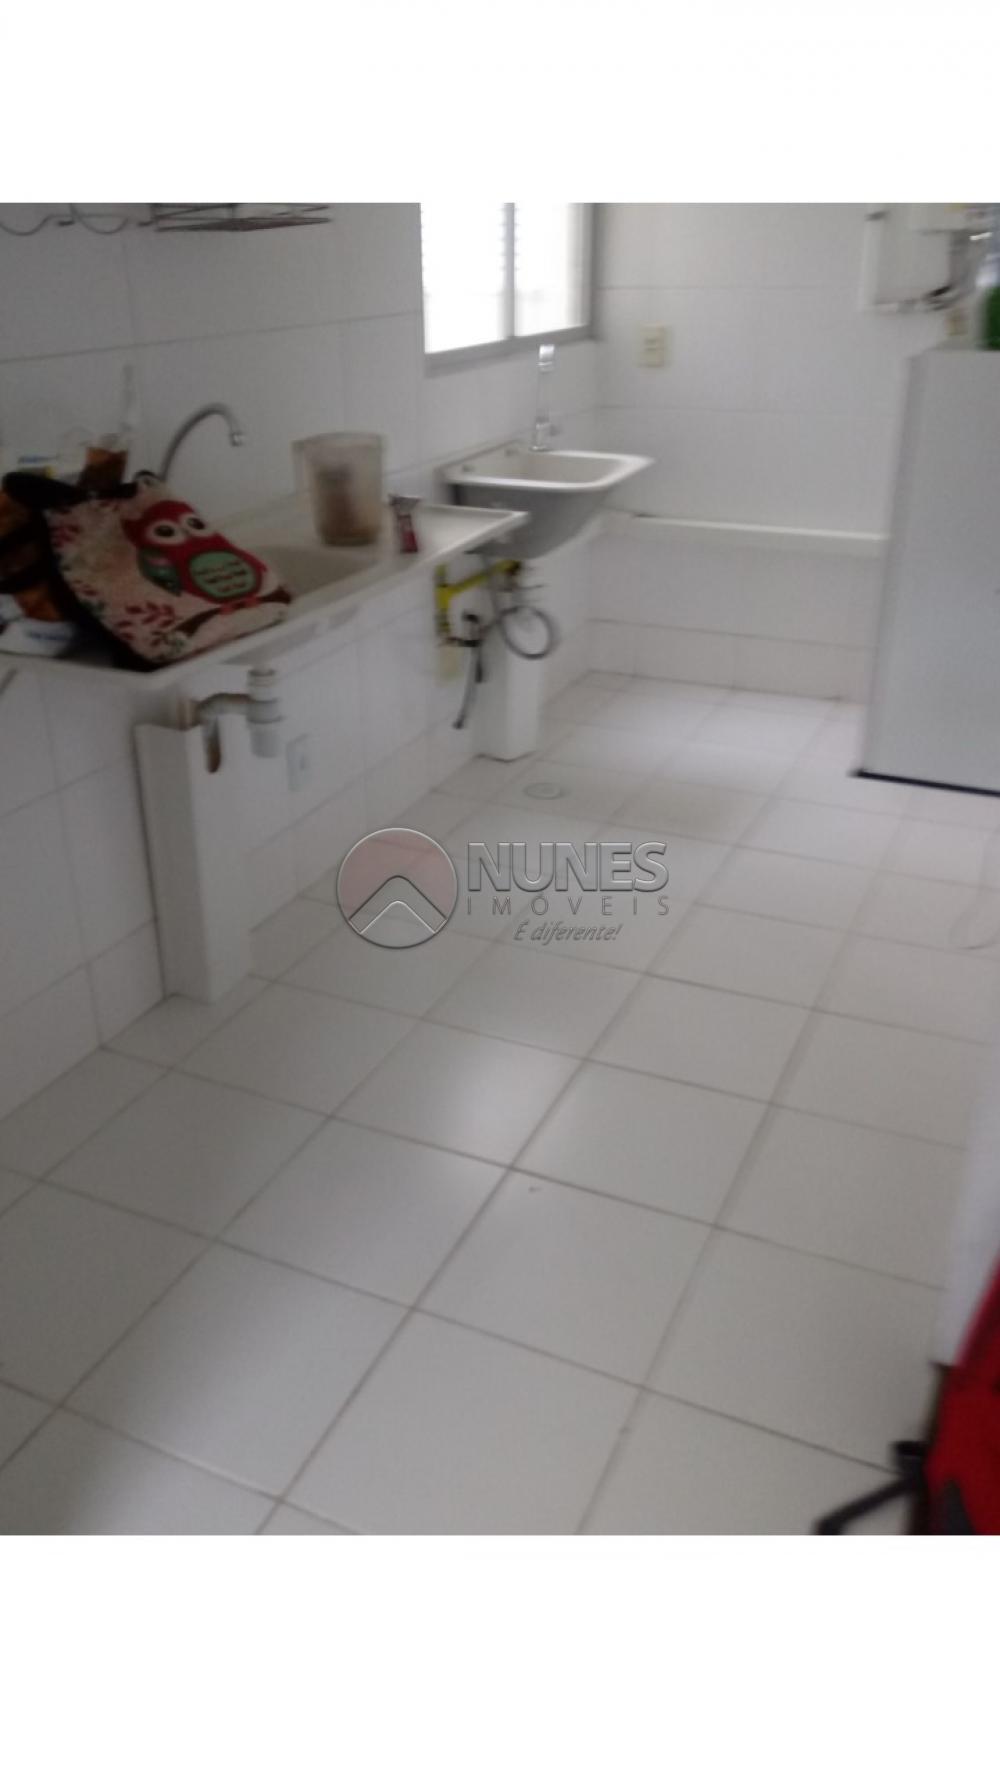 Comprar Apartamento / Padrão em Osasco apenas R$ 150.000,00 - Foto 5